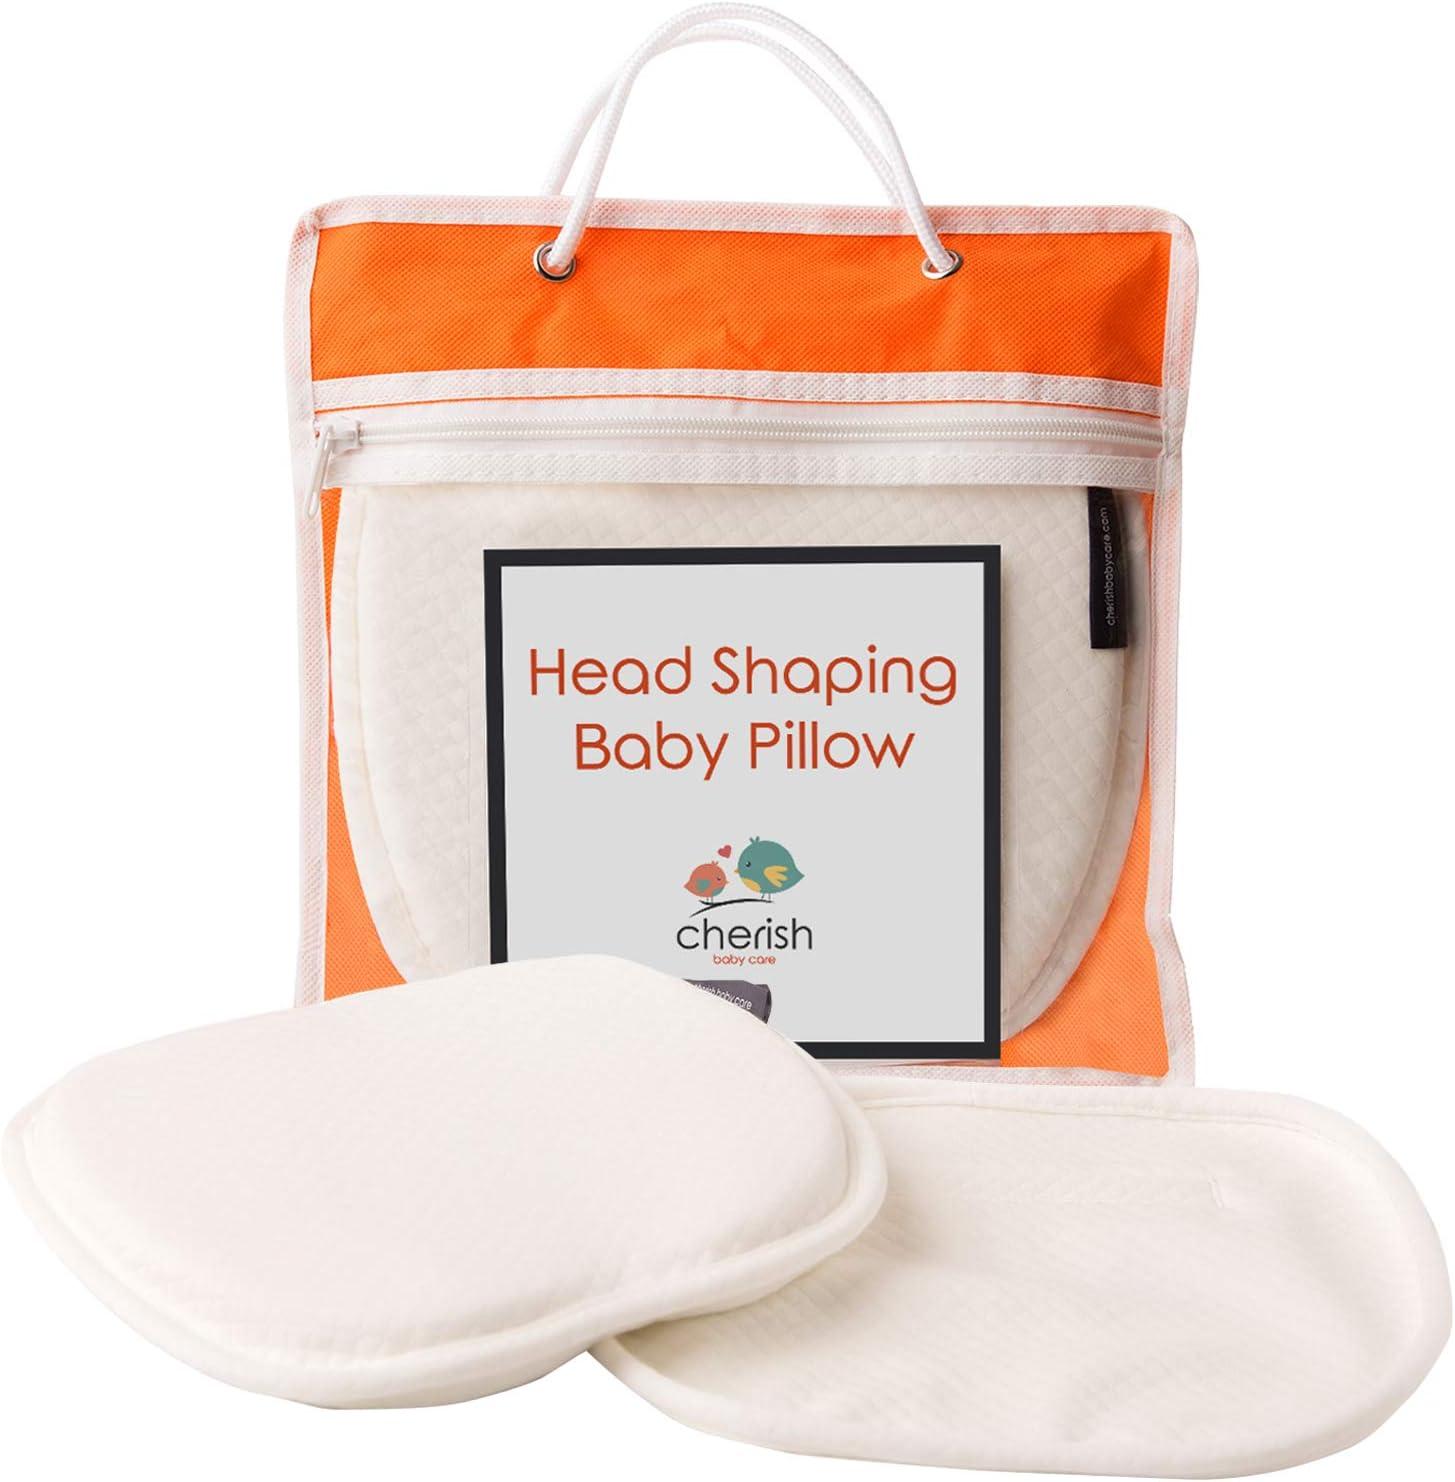 Cherish Baby Care Baby Pillow for Newborn